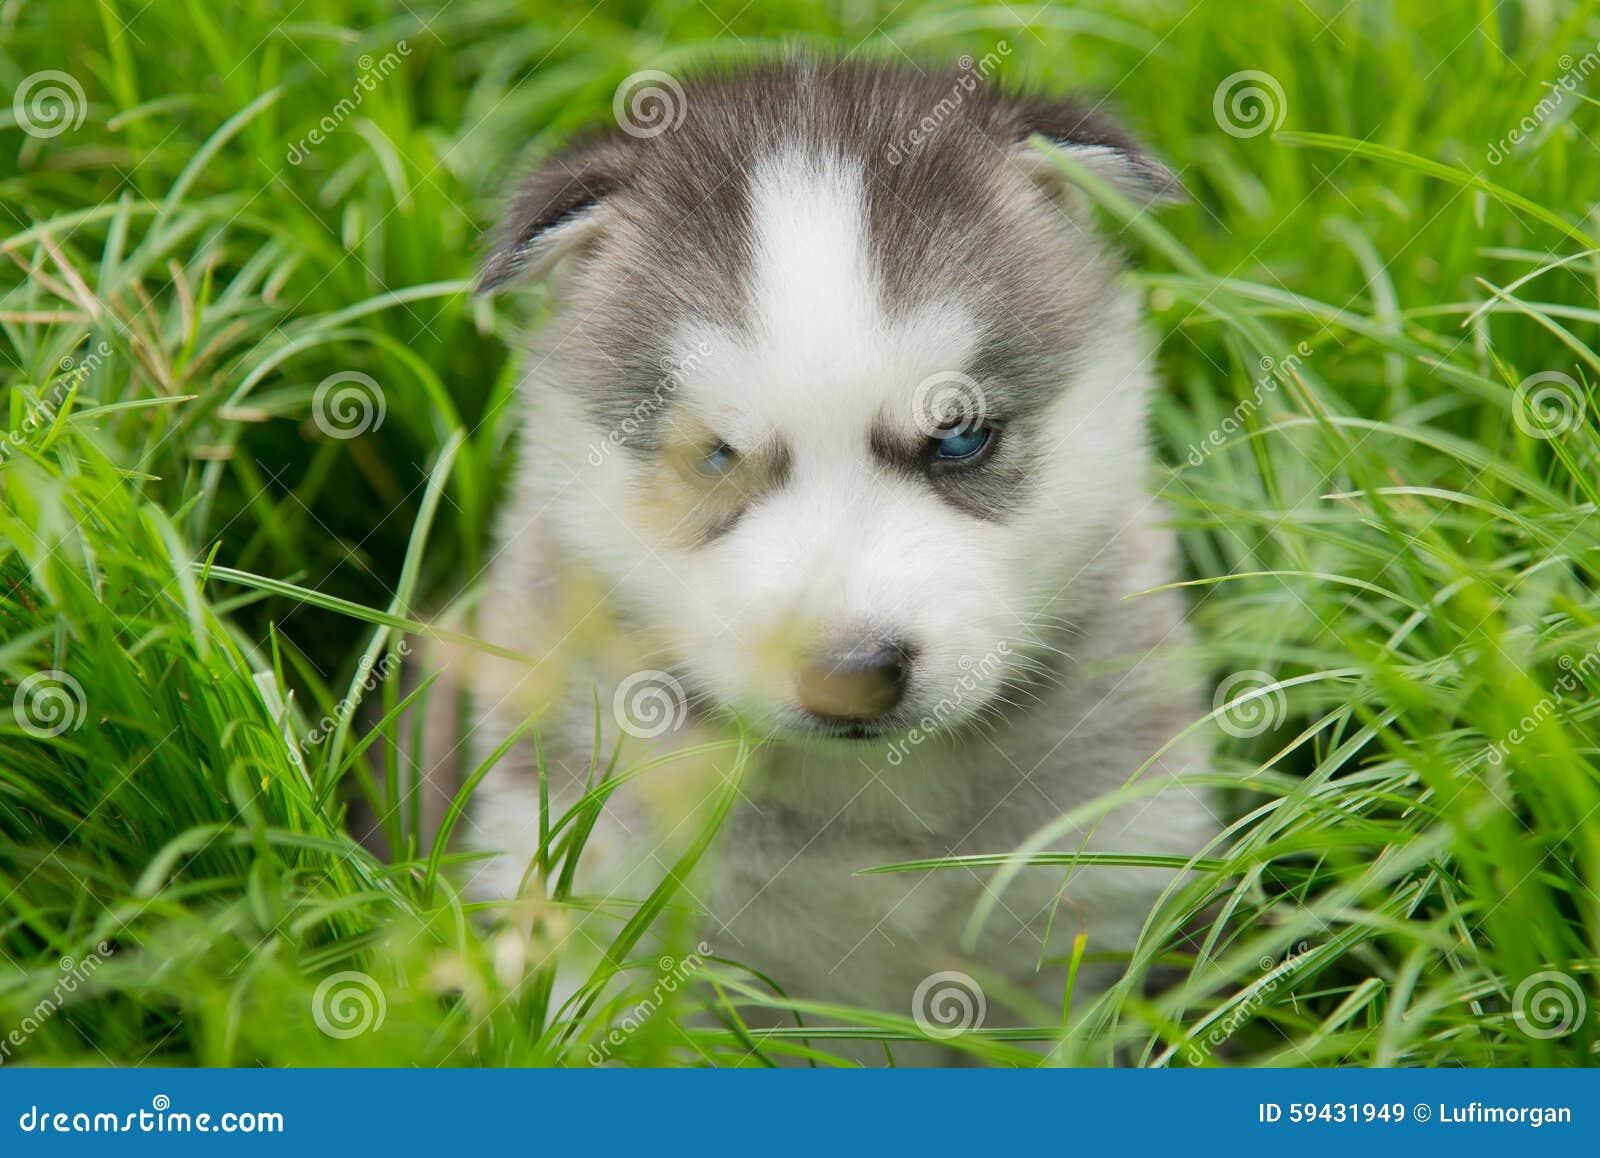 蓝眼睛西伯利亚爱斯基摩人看在绿草的小狗lyingand.图片